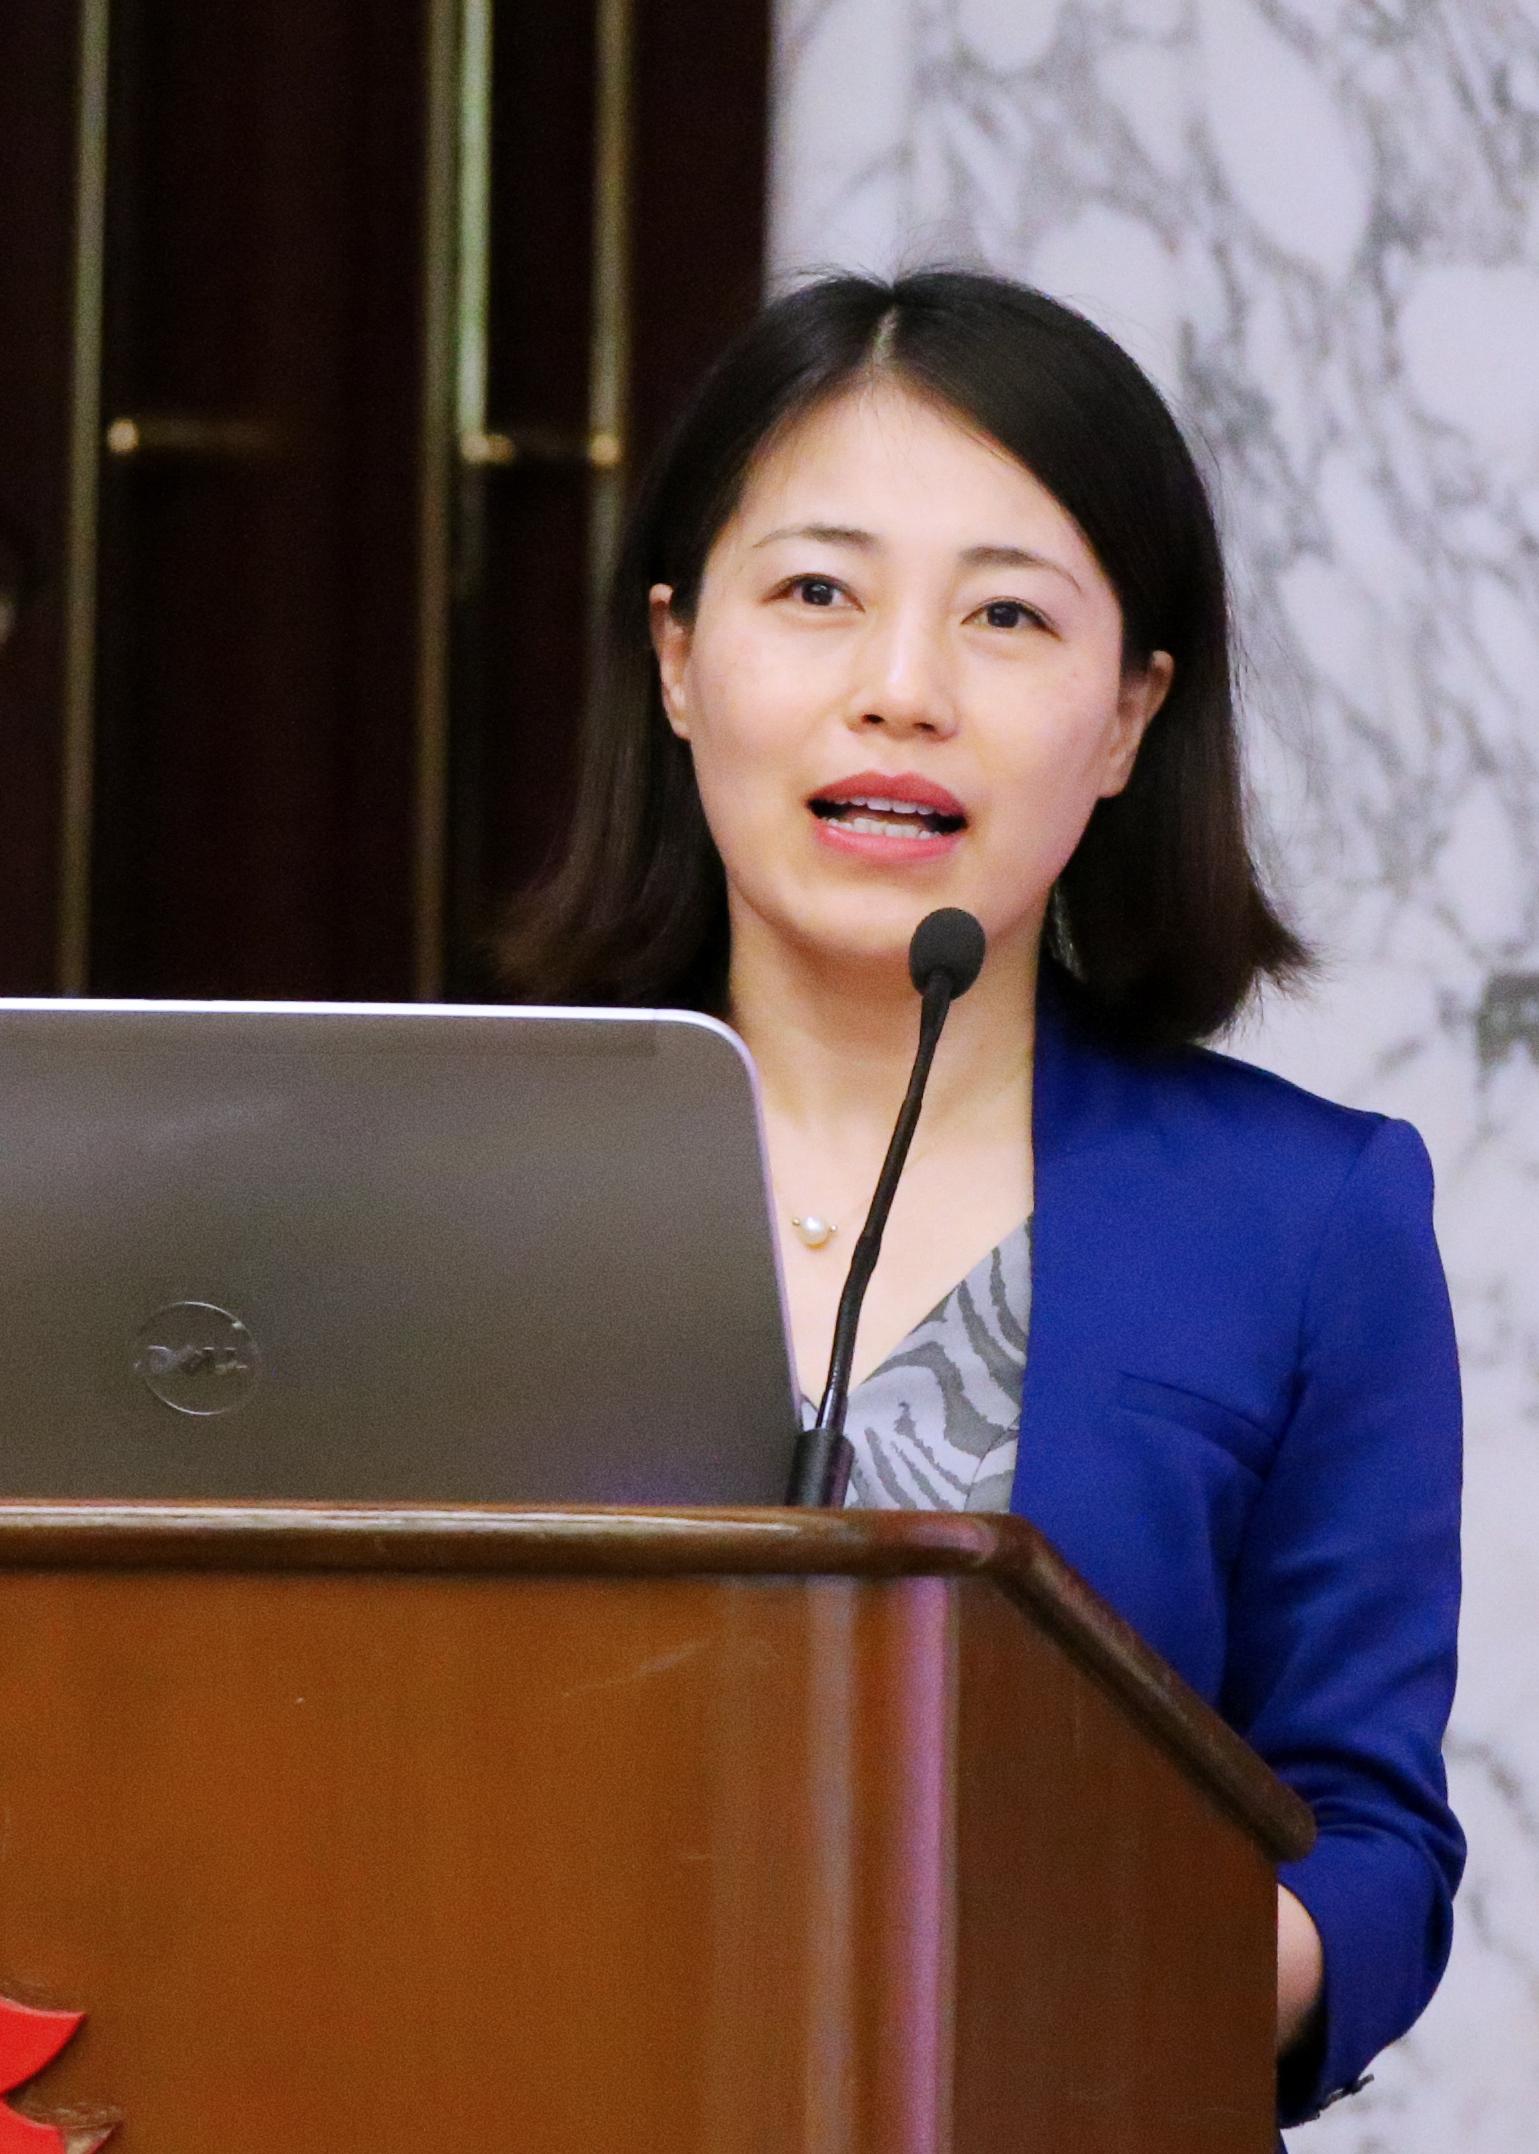 长江三角洲研究院副院长余佶正在主持市长论坛。